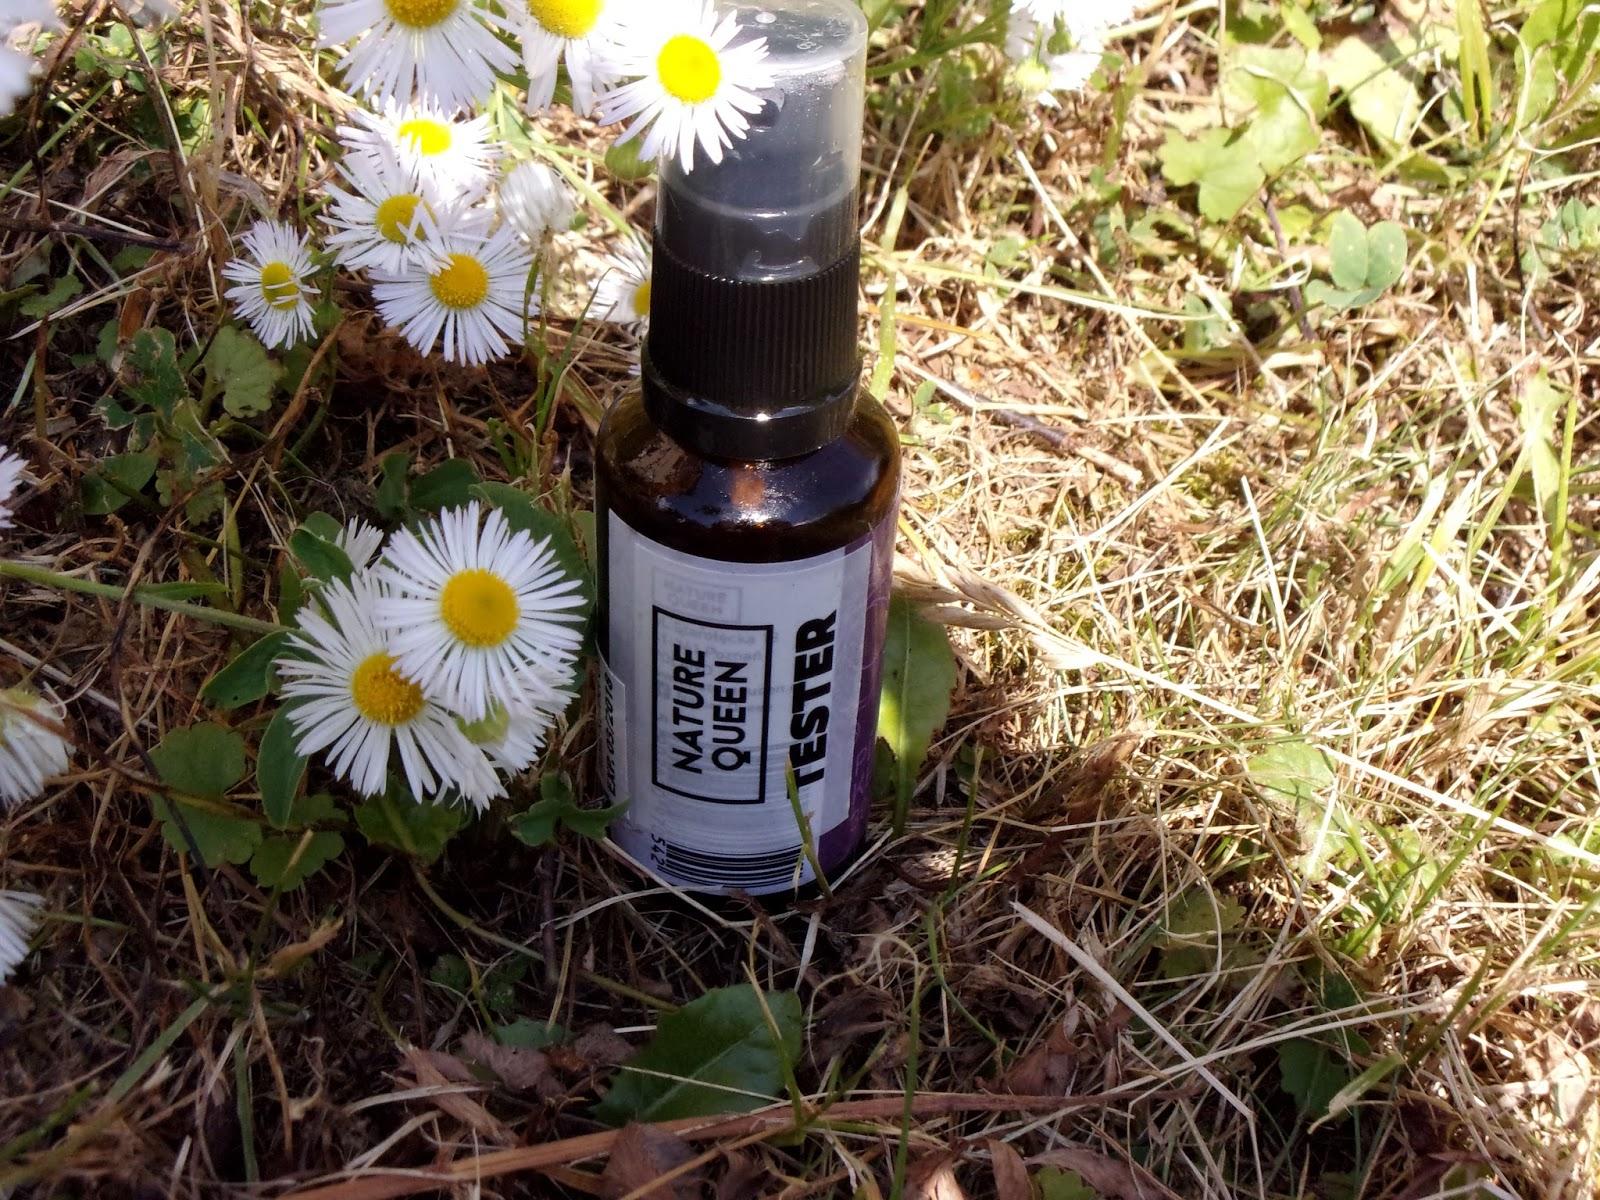 Olej z pestek śliwki z Nature Queen